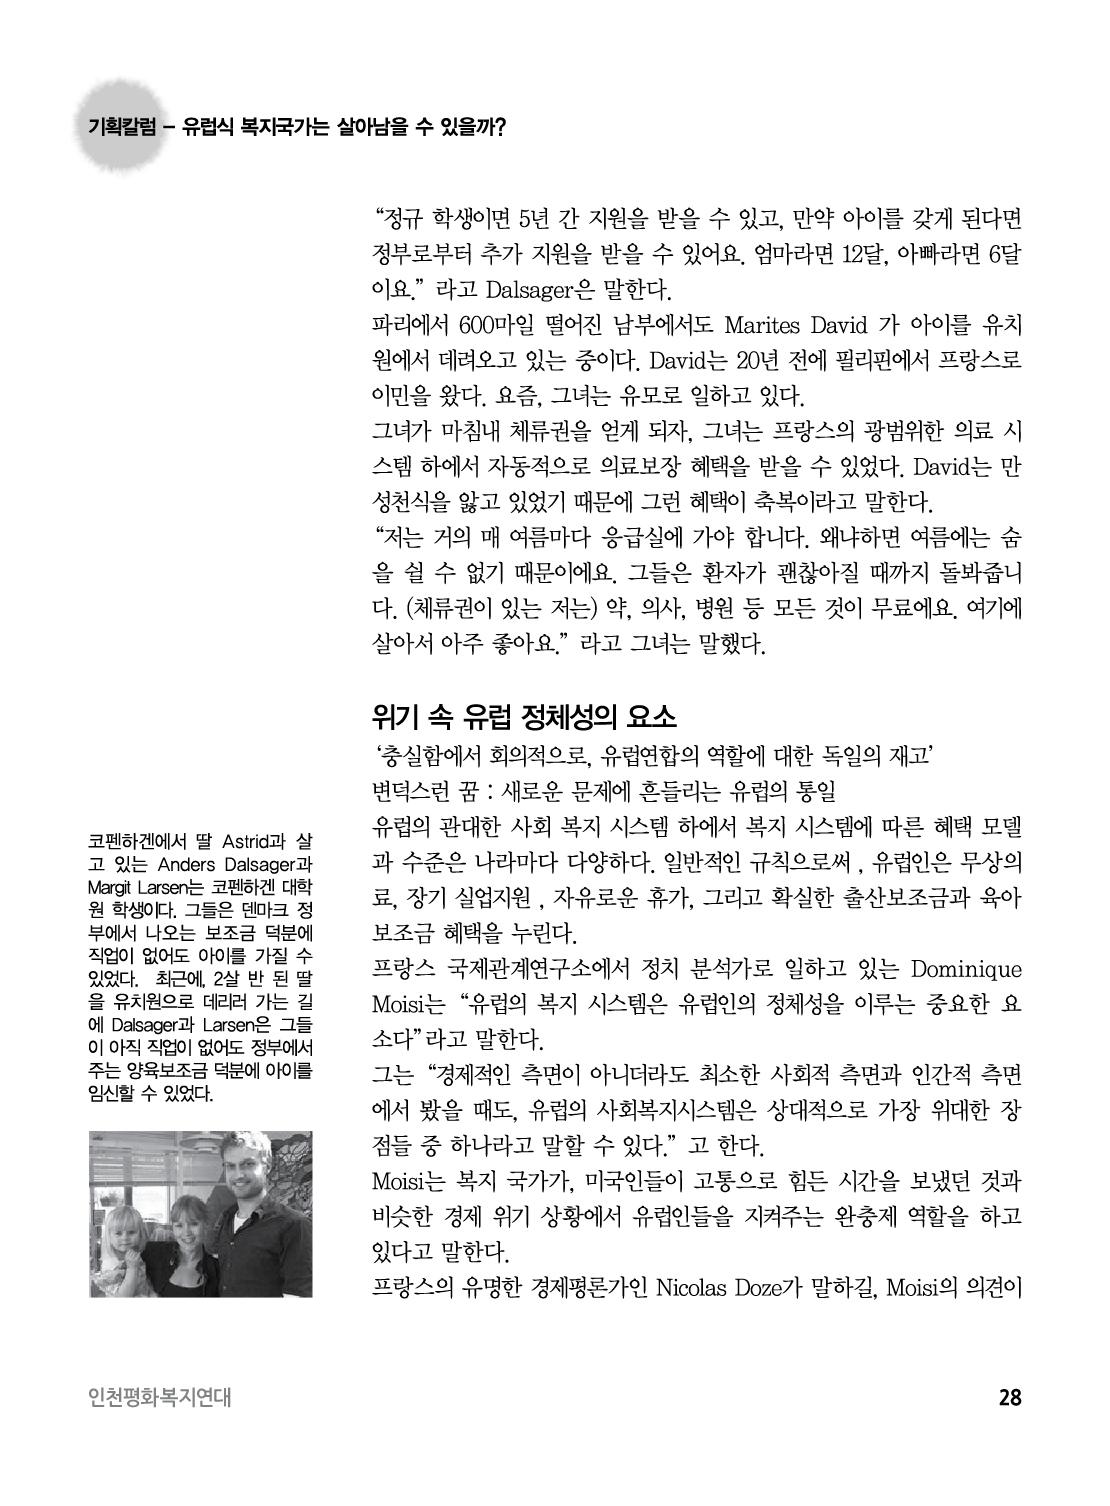 아웃라인 인천평화복지연대 소식지창간준비3호28.jpg